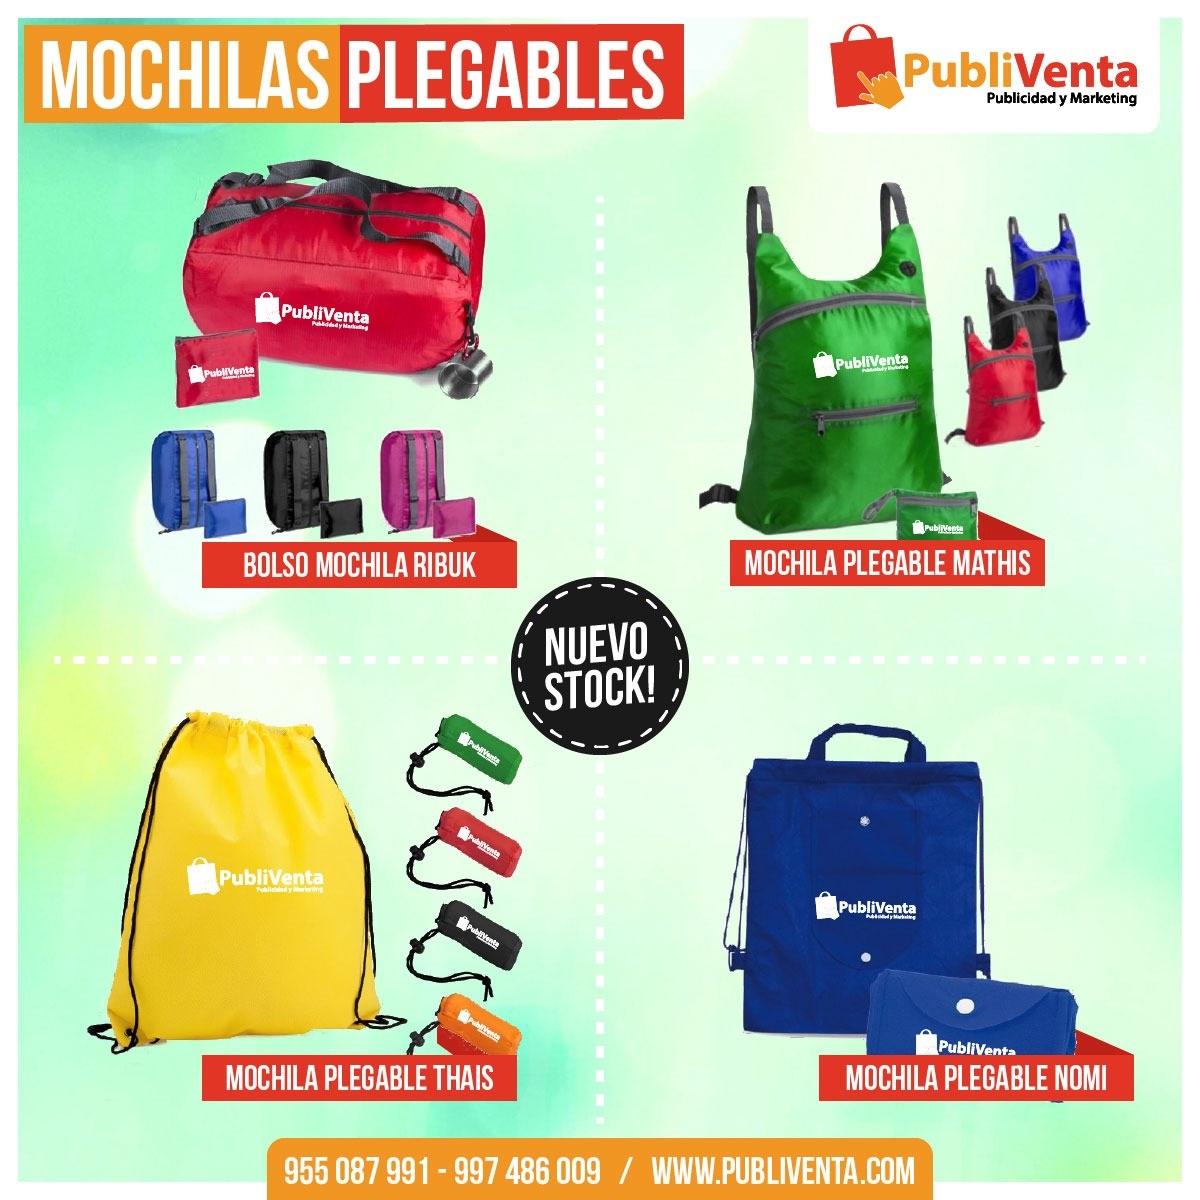 Mochilaplegables